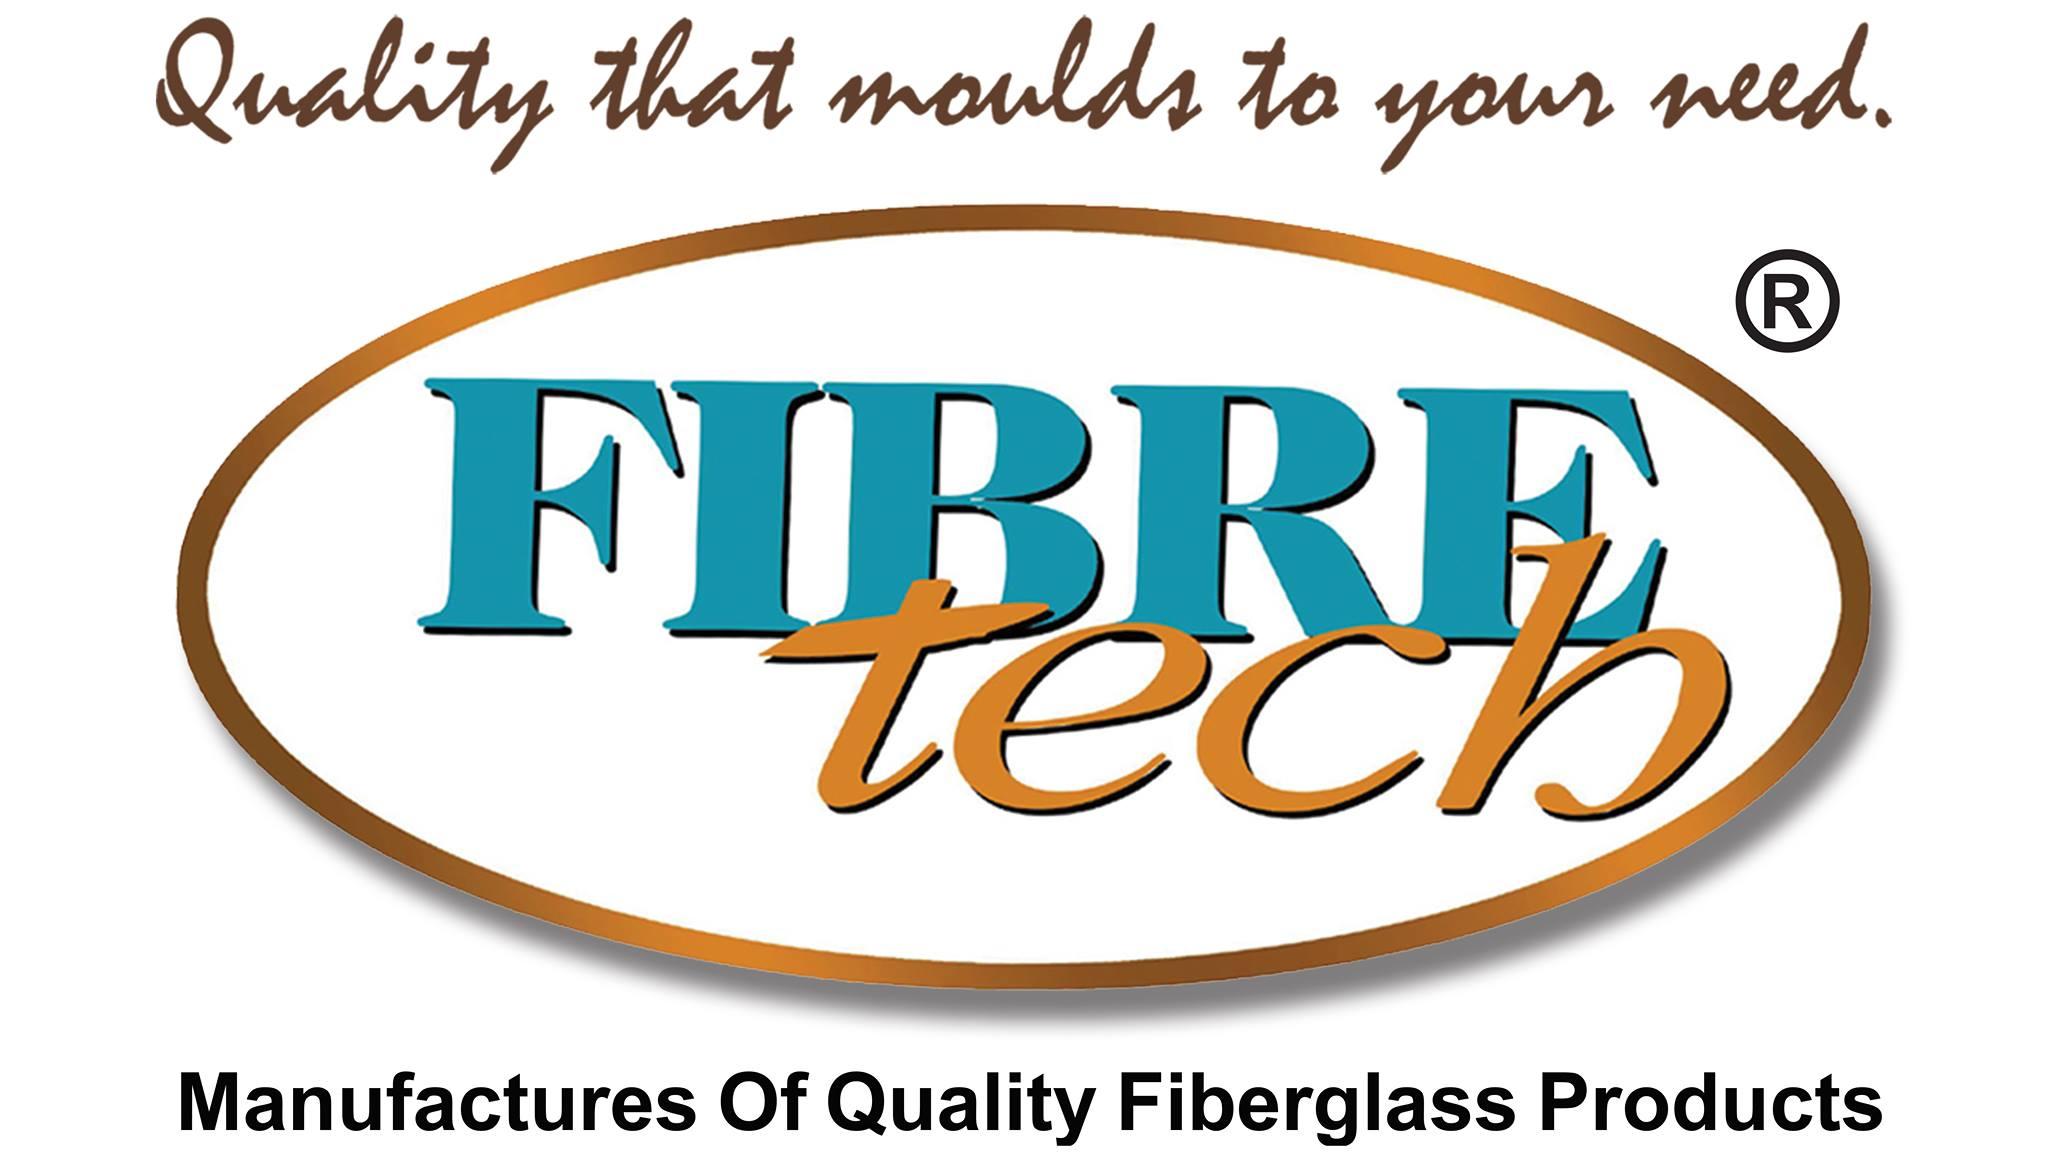 Fibre Tech